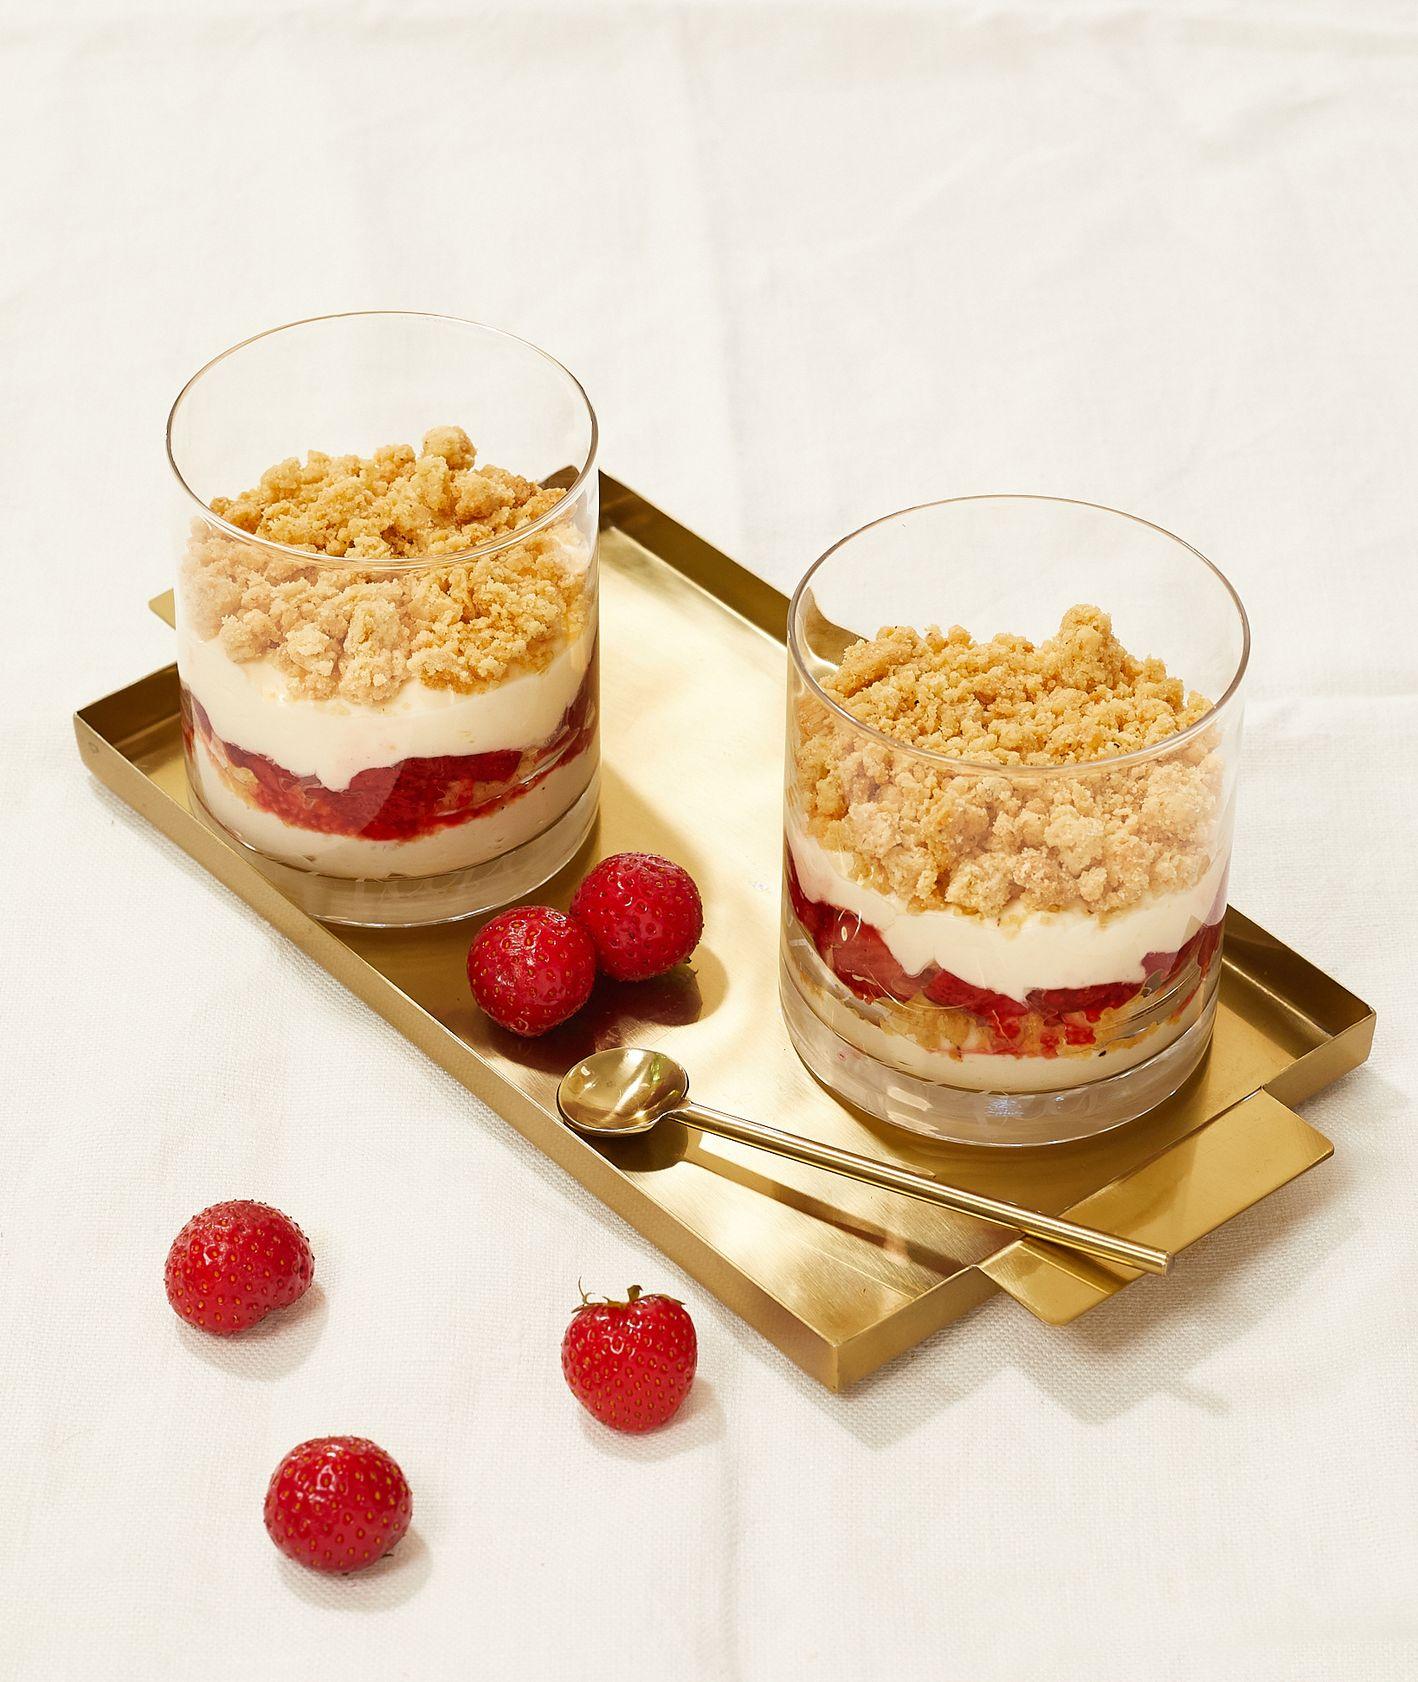 Przepis na truskawkowe trifle, pomysłowy deser z truskawkami (fot. Maciek Niemojewski)